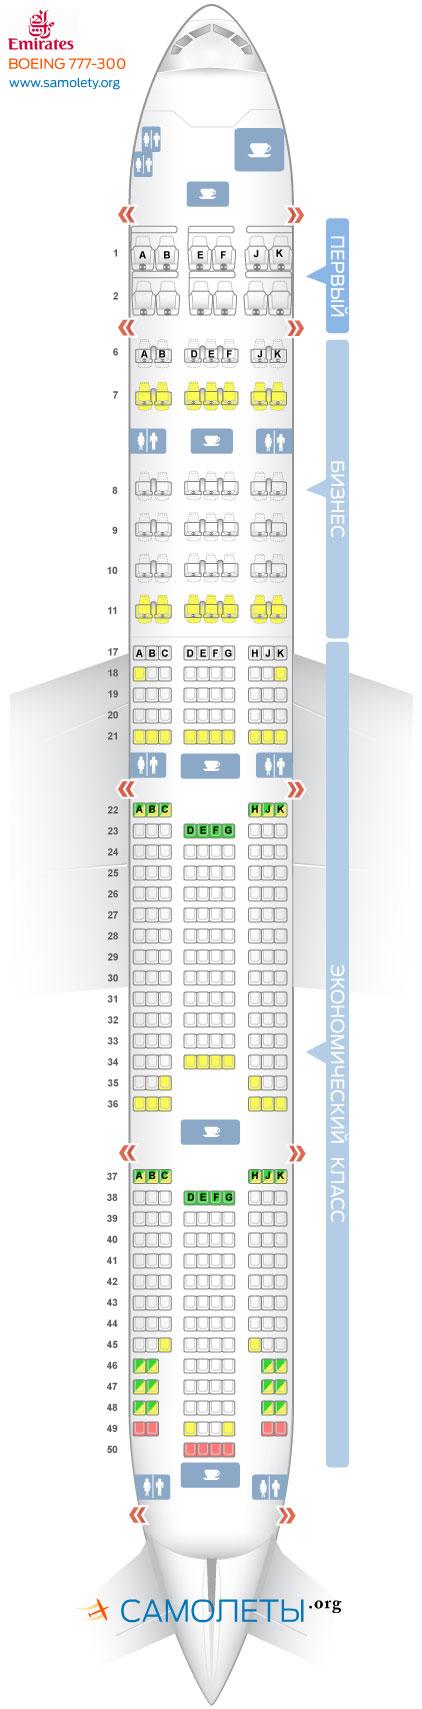 Схема Boeing 777-300ER — Два